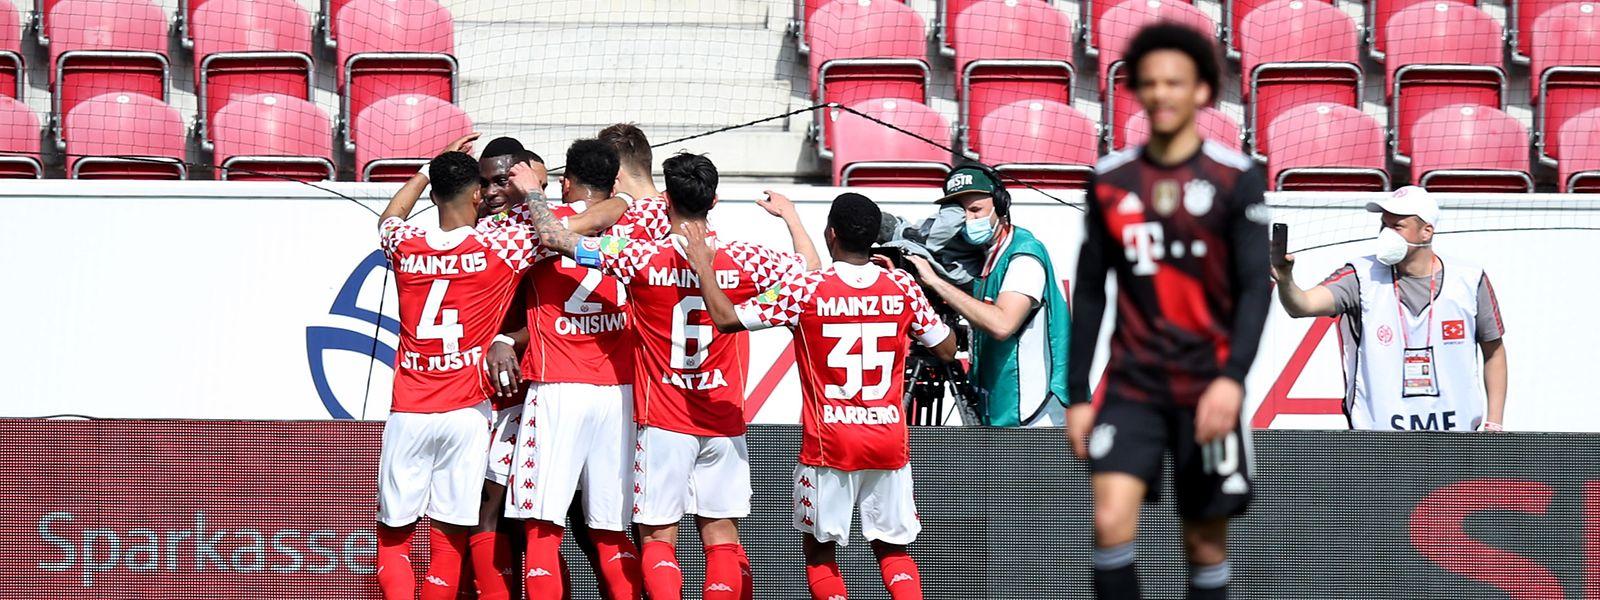 Da jubelt auch Leandro Barreiro: Die drei Punkte gegen den FC Bayern sind wichtig im Kampf um den Klassenerhalt.